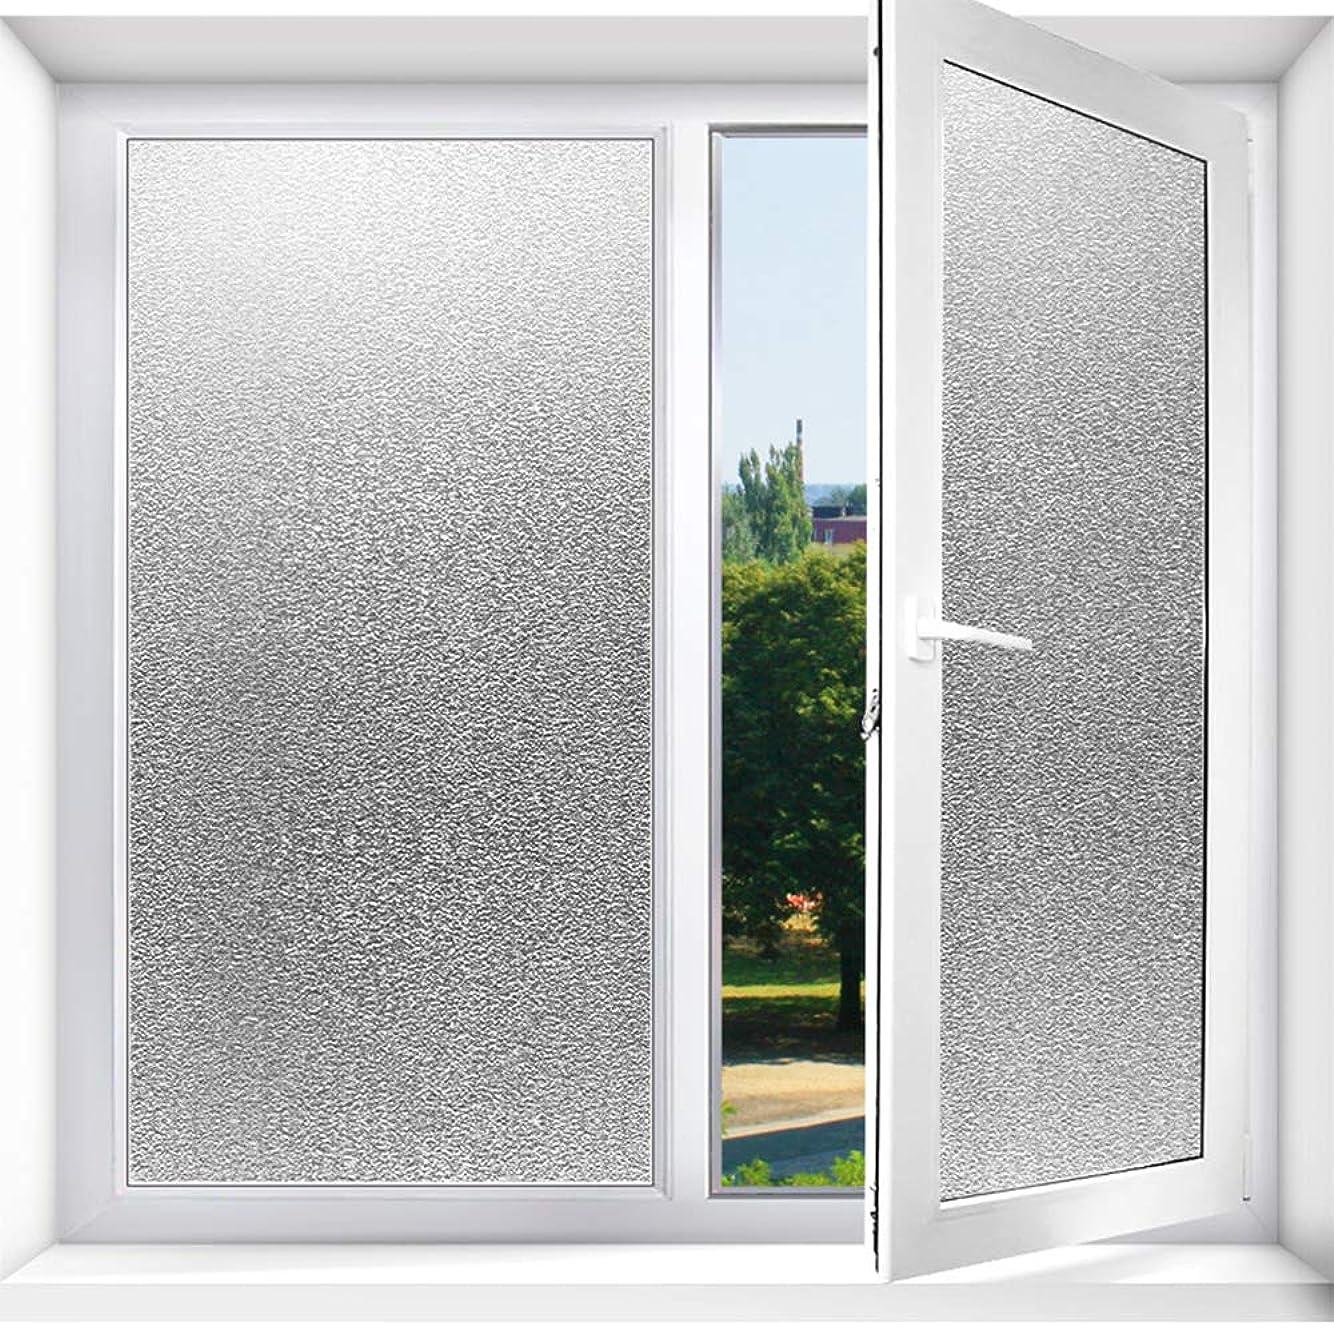 二十不注意追跡Olliwon 窓 ガラスフィルム 目隠しシート 曇りガラス すりガラス調 プライバシー保護 窓飾りシート 静電吸着 水で貼る 貼り直し可能 シンプル ムジ 艶消し スモーク ホワイト 40cm*400cm